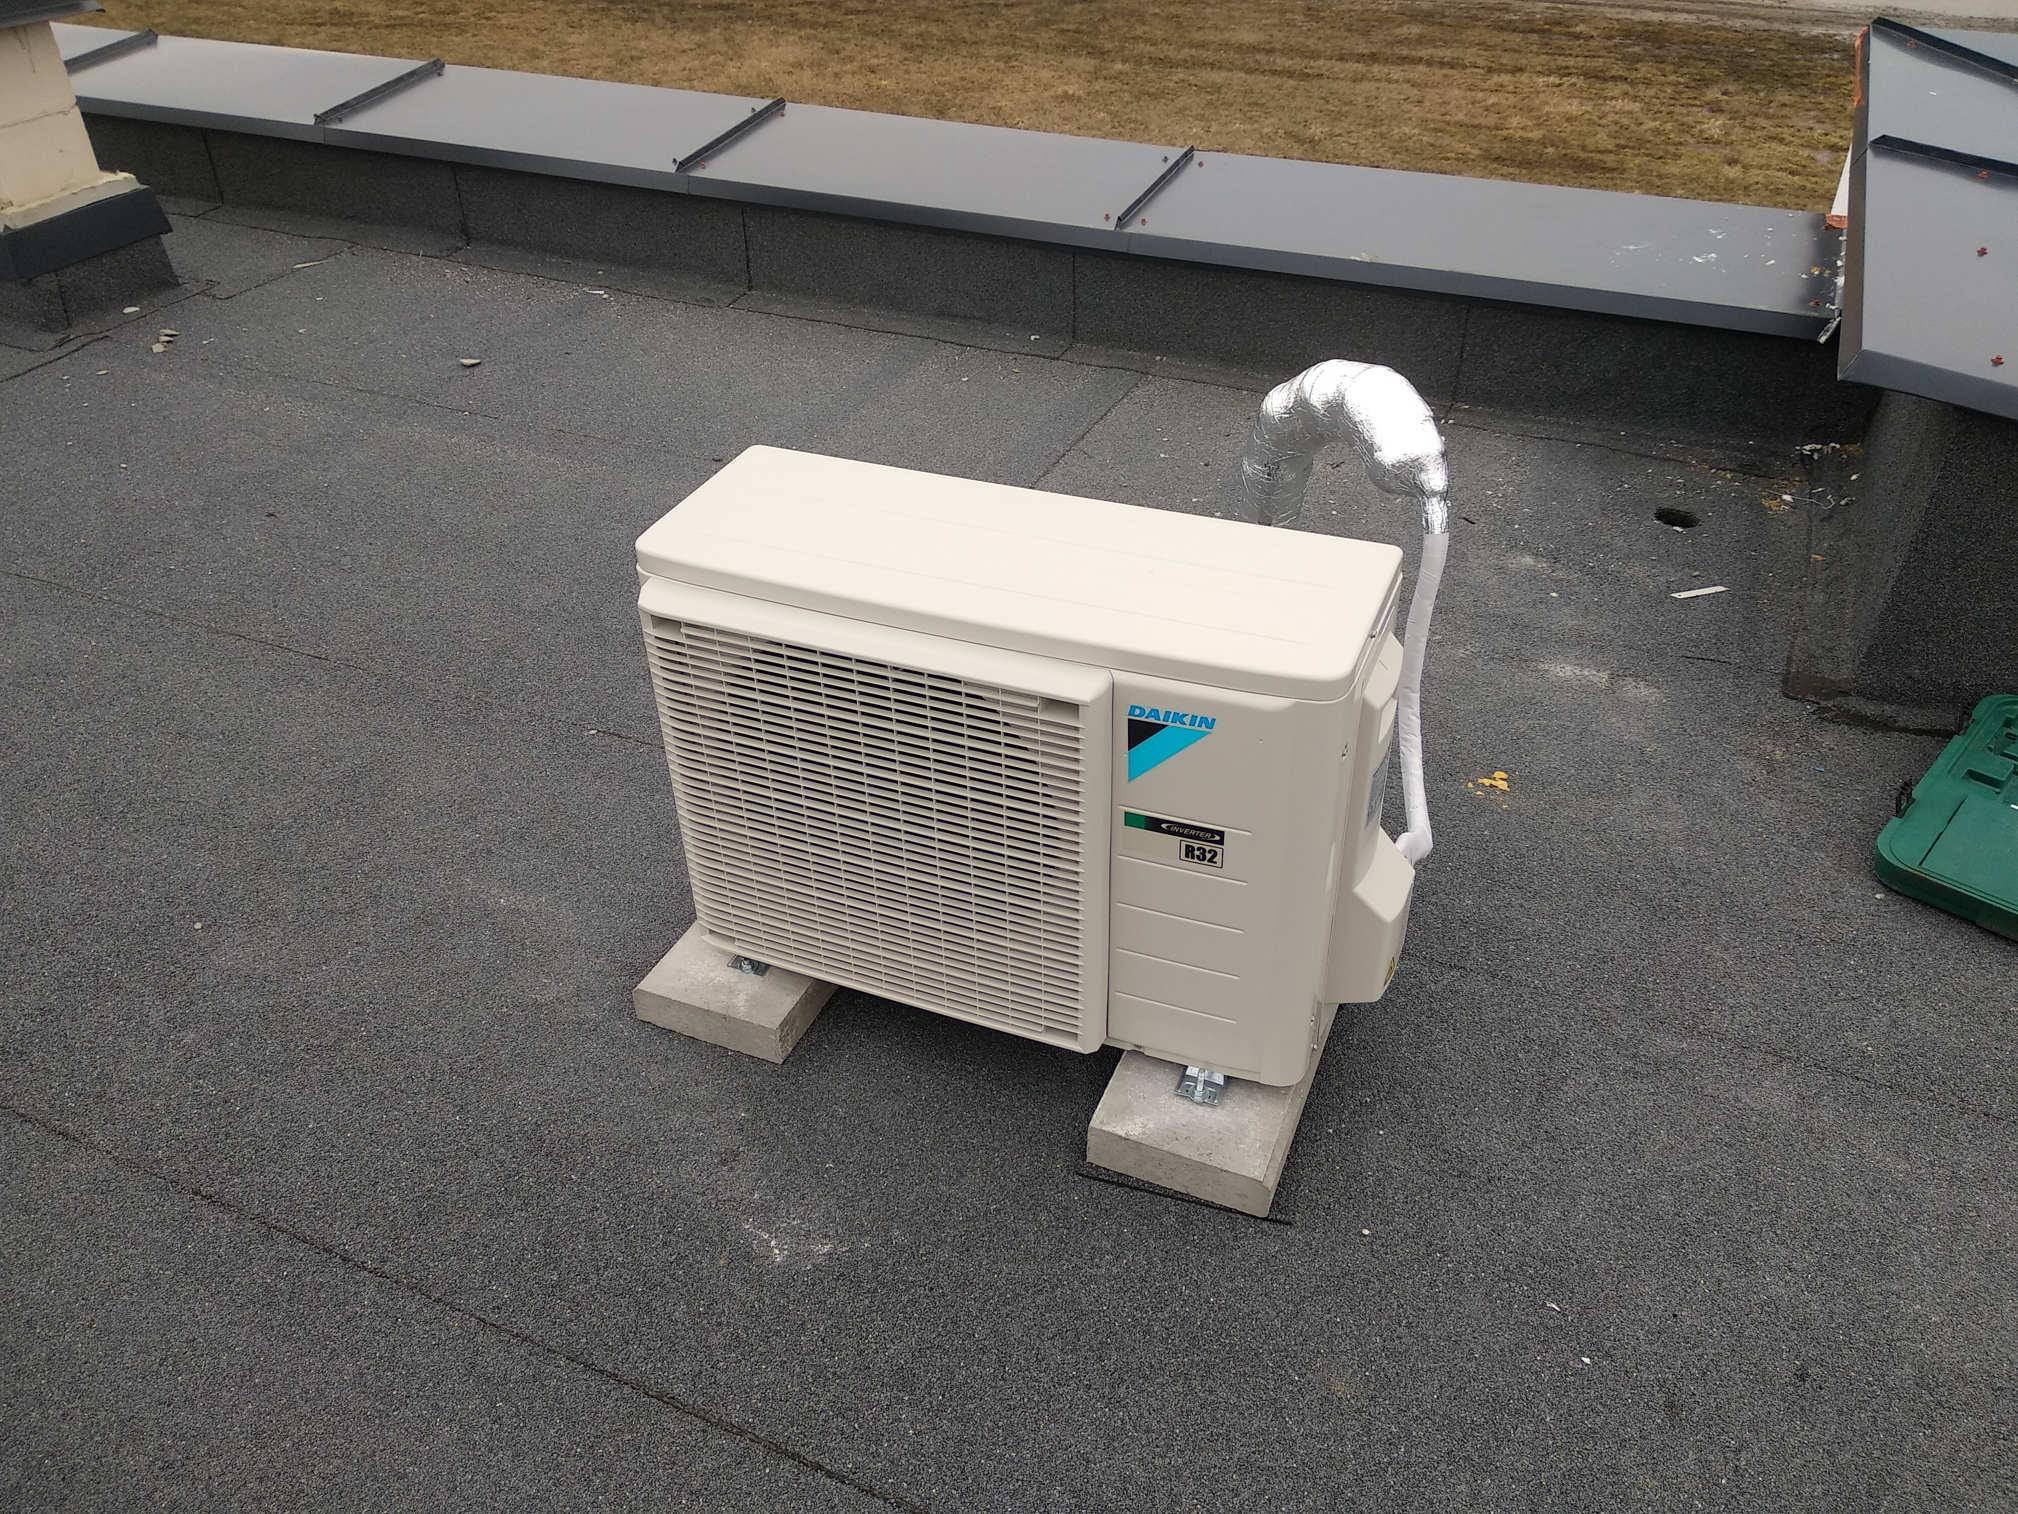 realizacje-klimatyzator-daikin-jednostka zewnętrzna-dach-izolacja